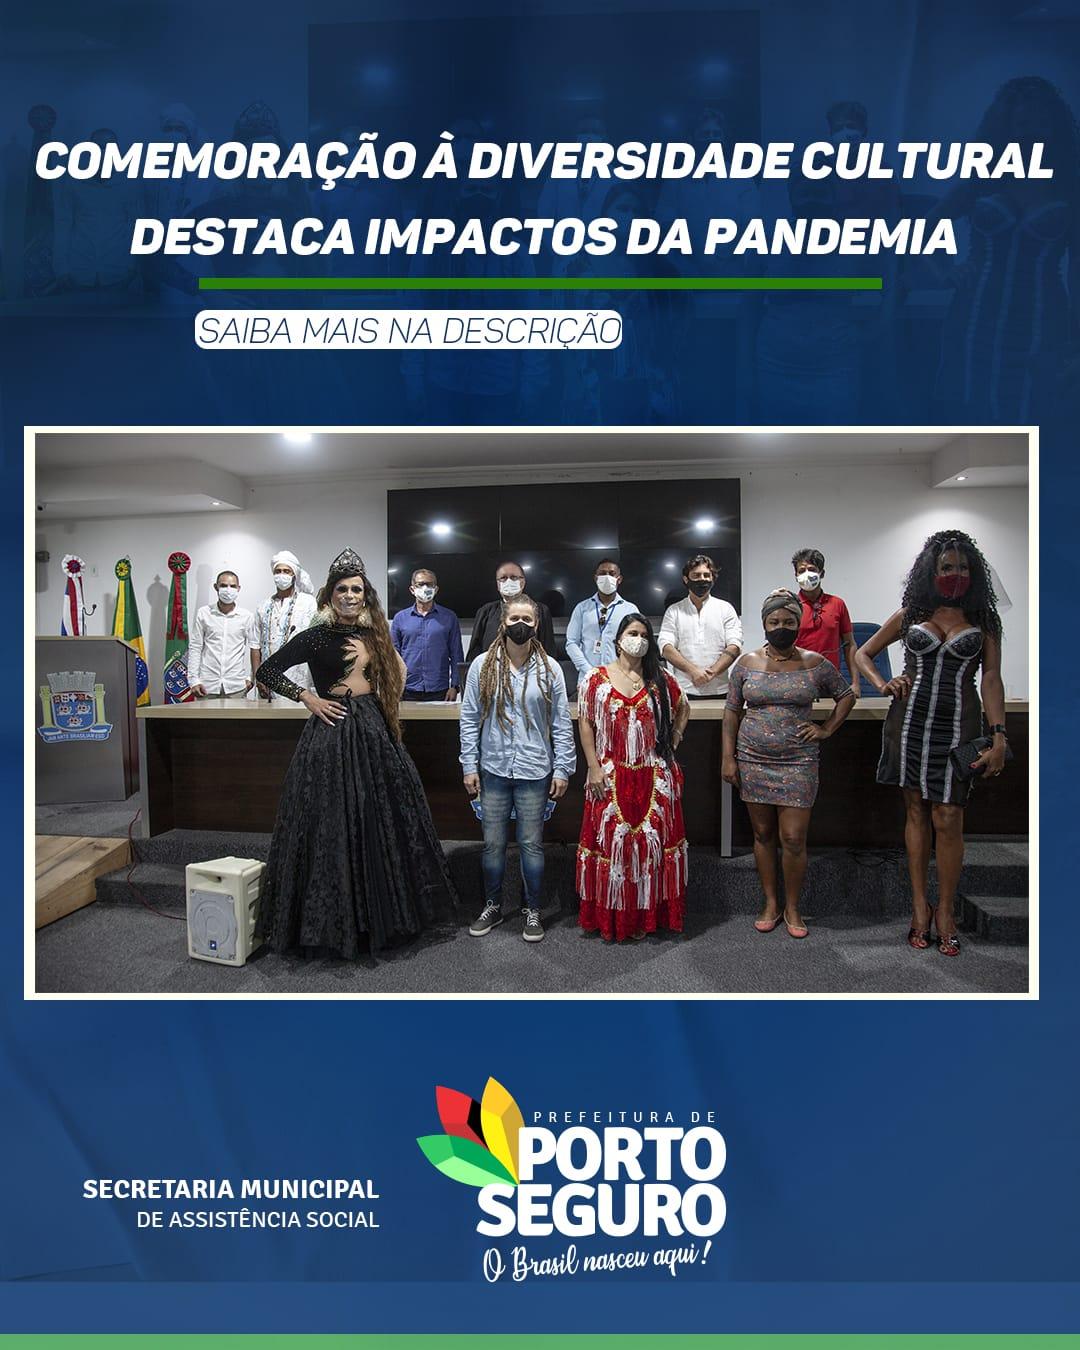 Comemoração à diversidade cultural destaca impactos da pandemia 18